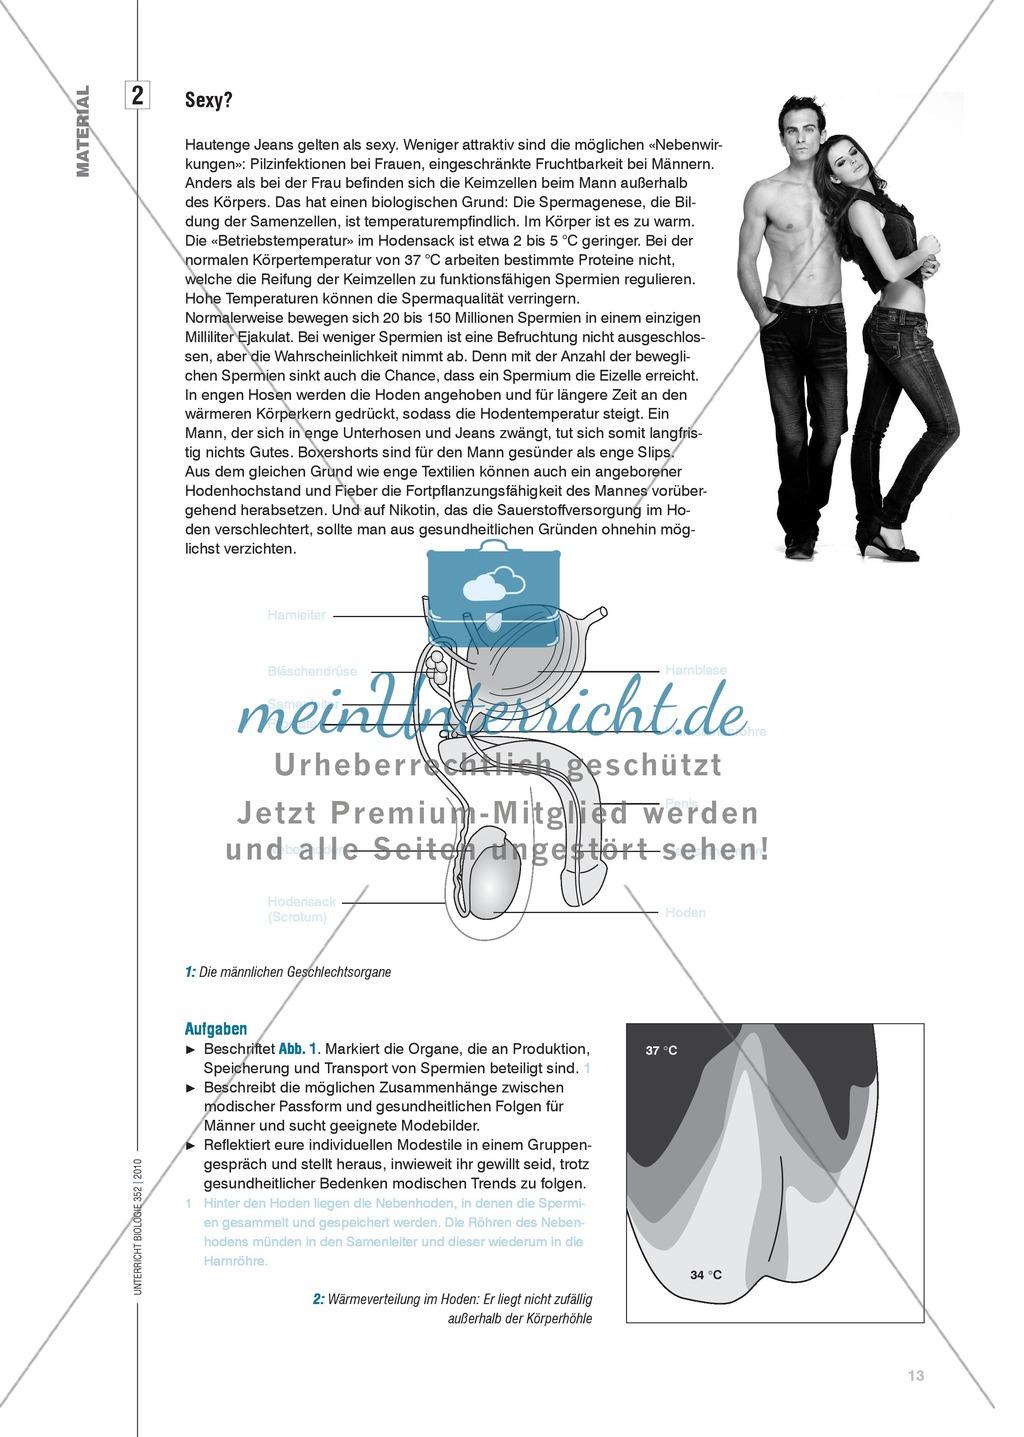 Chronische Blasenentzündung als Folge falscher Bekleidung: Das Spannungsverhältnis zwischen Mode und funktionaler Kleidung diskutieren Preview 3